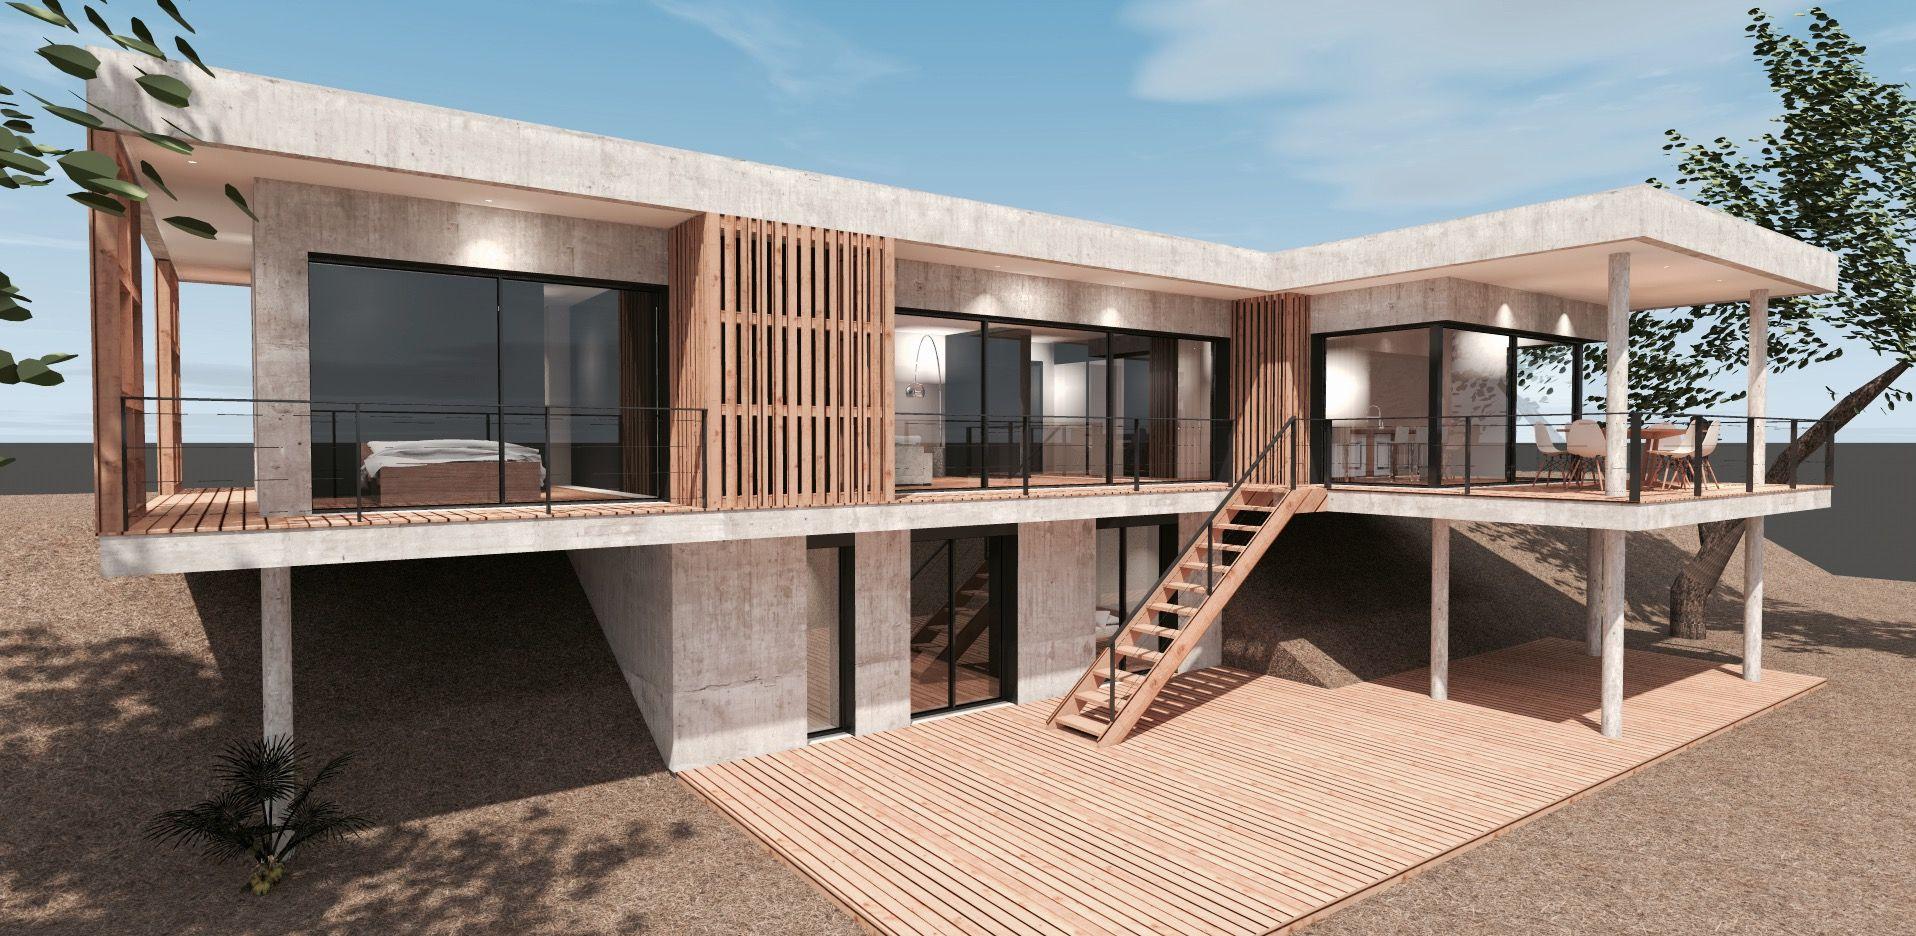 architecte dintrieur arcachon maison bois et verre bassin d arcachon mcc previous next. Black Bedroom Furniture Sets. Home Design Ideas